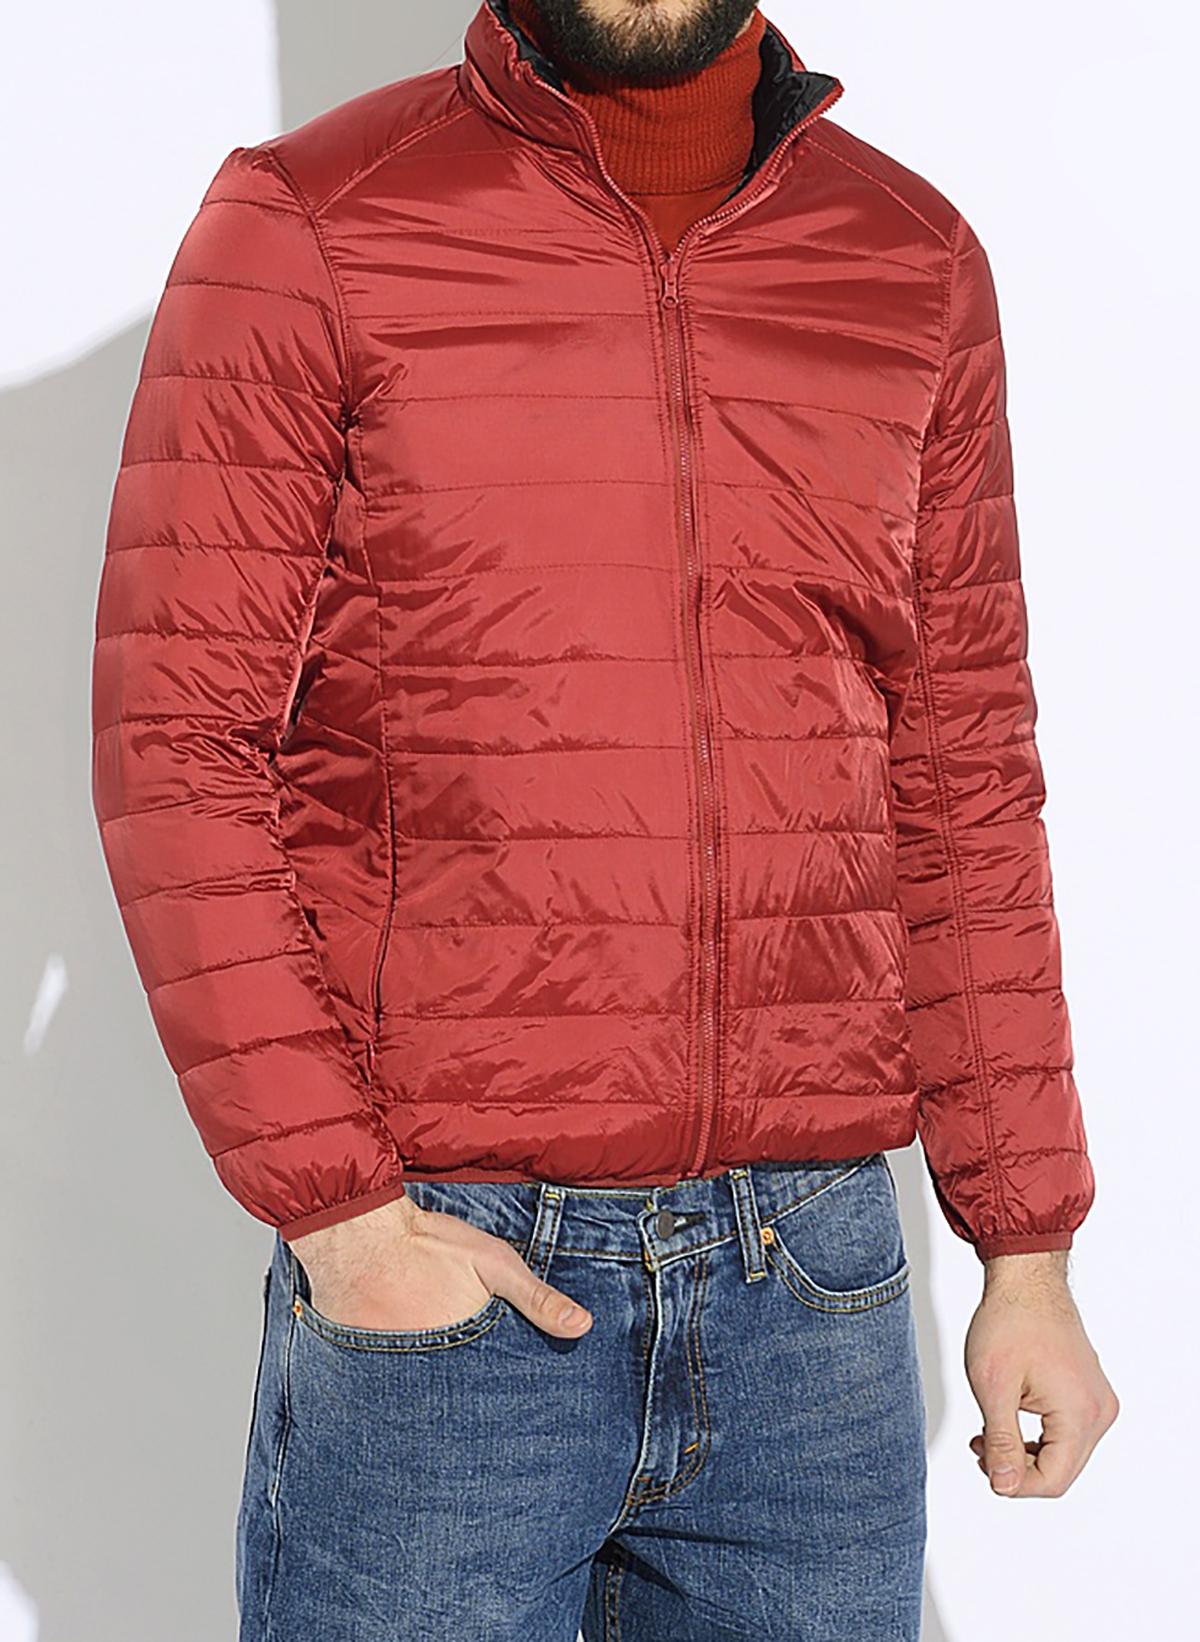 КурткаFM1Стильный мужской пуховик Burlesco согреет вас в холодное межсезонье. Модель выполнена из 100% полиамида. Утеплитель из пуха с добавлением пера не даст замерзнуть. Модель двухсторонняя с воротником-стойкой и застегивается на пластиковую застежку-молнию. Спереди пуховик дополнен двумя прорезными карманами с застежками-молниями, а если его вывернуть изнаночной стороной, тогда изделие дополнительно имеет два втачных кармана. Для большего удобства модель дополнена мешочком на шнурке со стоппером, чтобы сложить и убрать изделие.